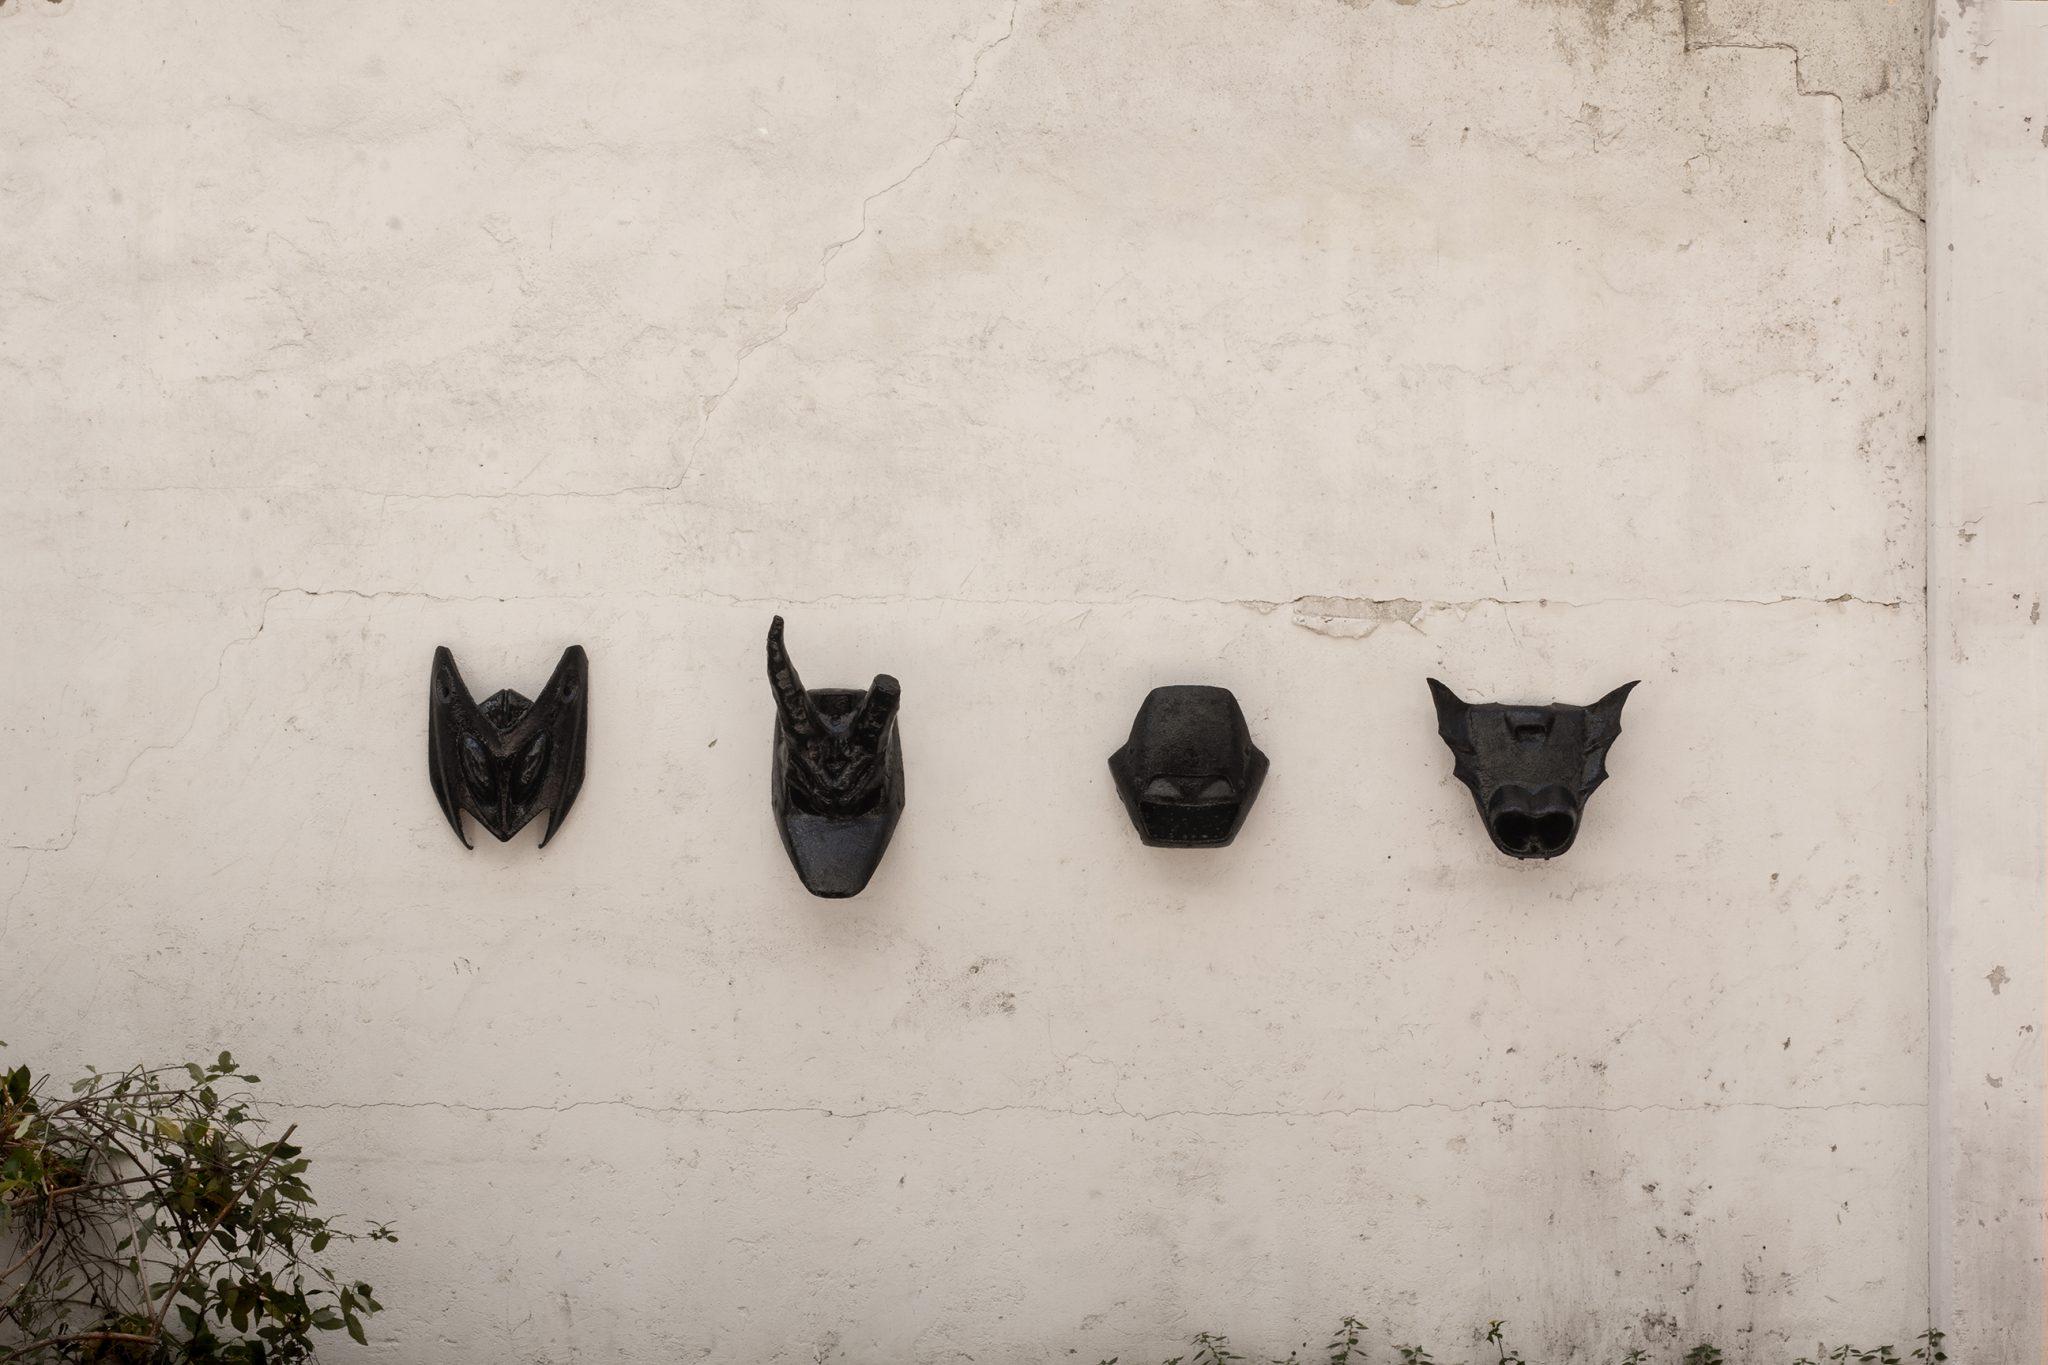 Maschere nere, lucide, orgogliosamente minacciose. Il rito urbano di Marco Ceroni